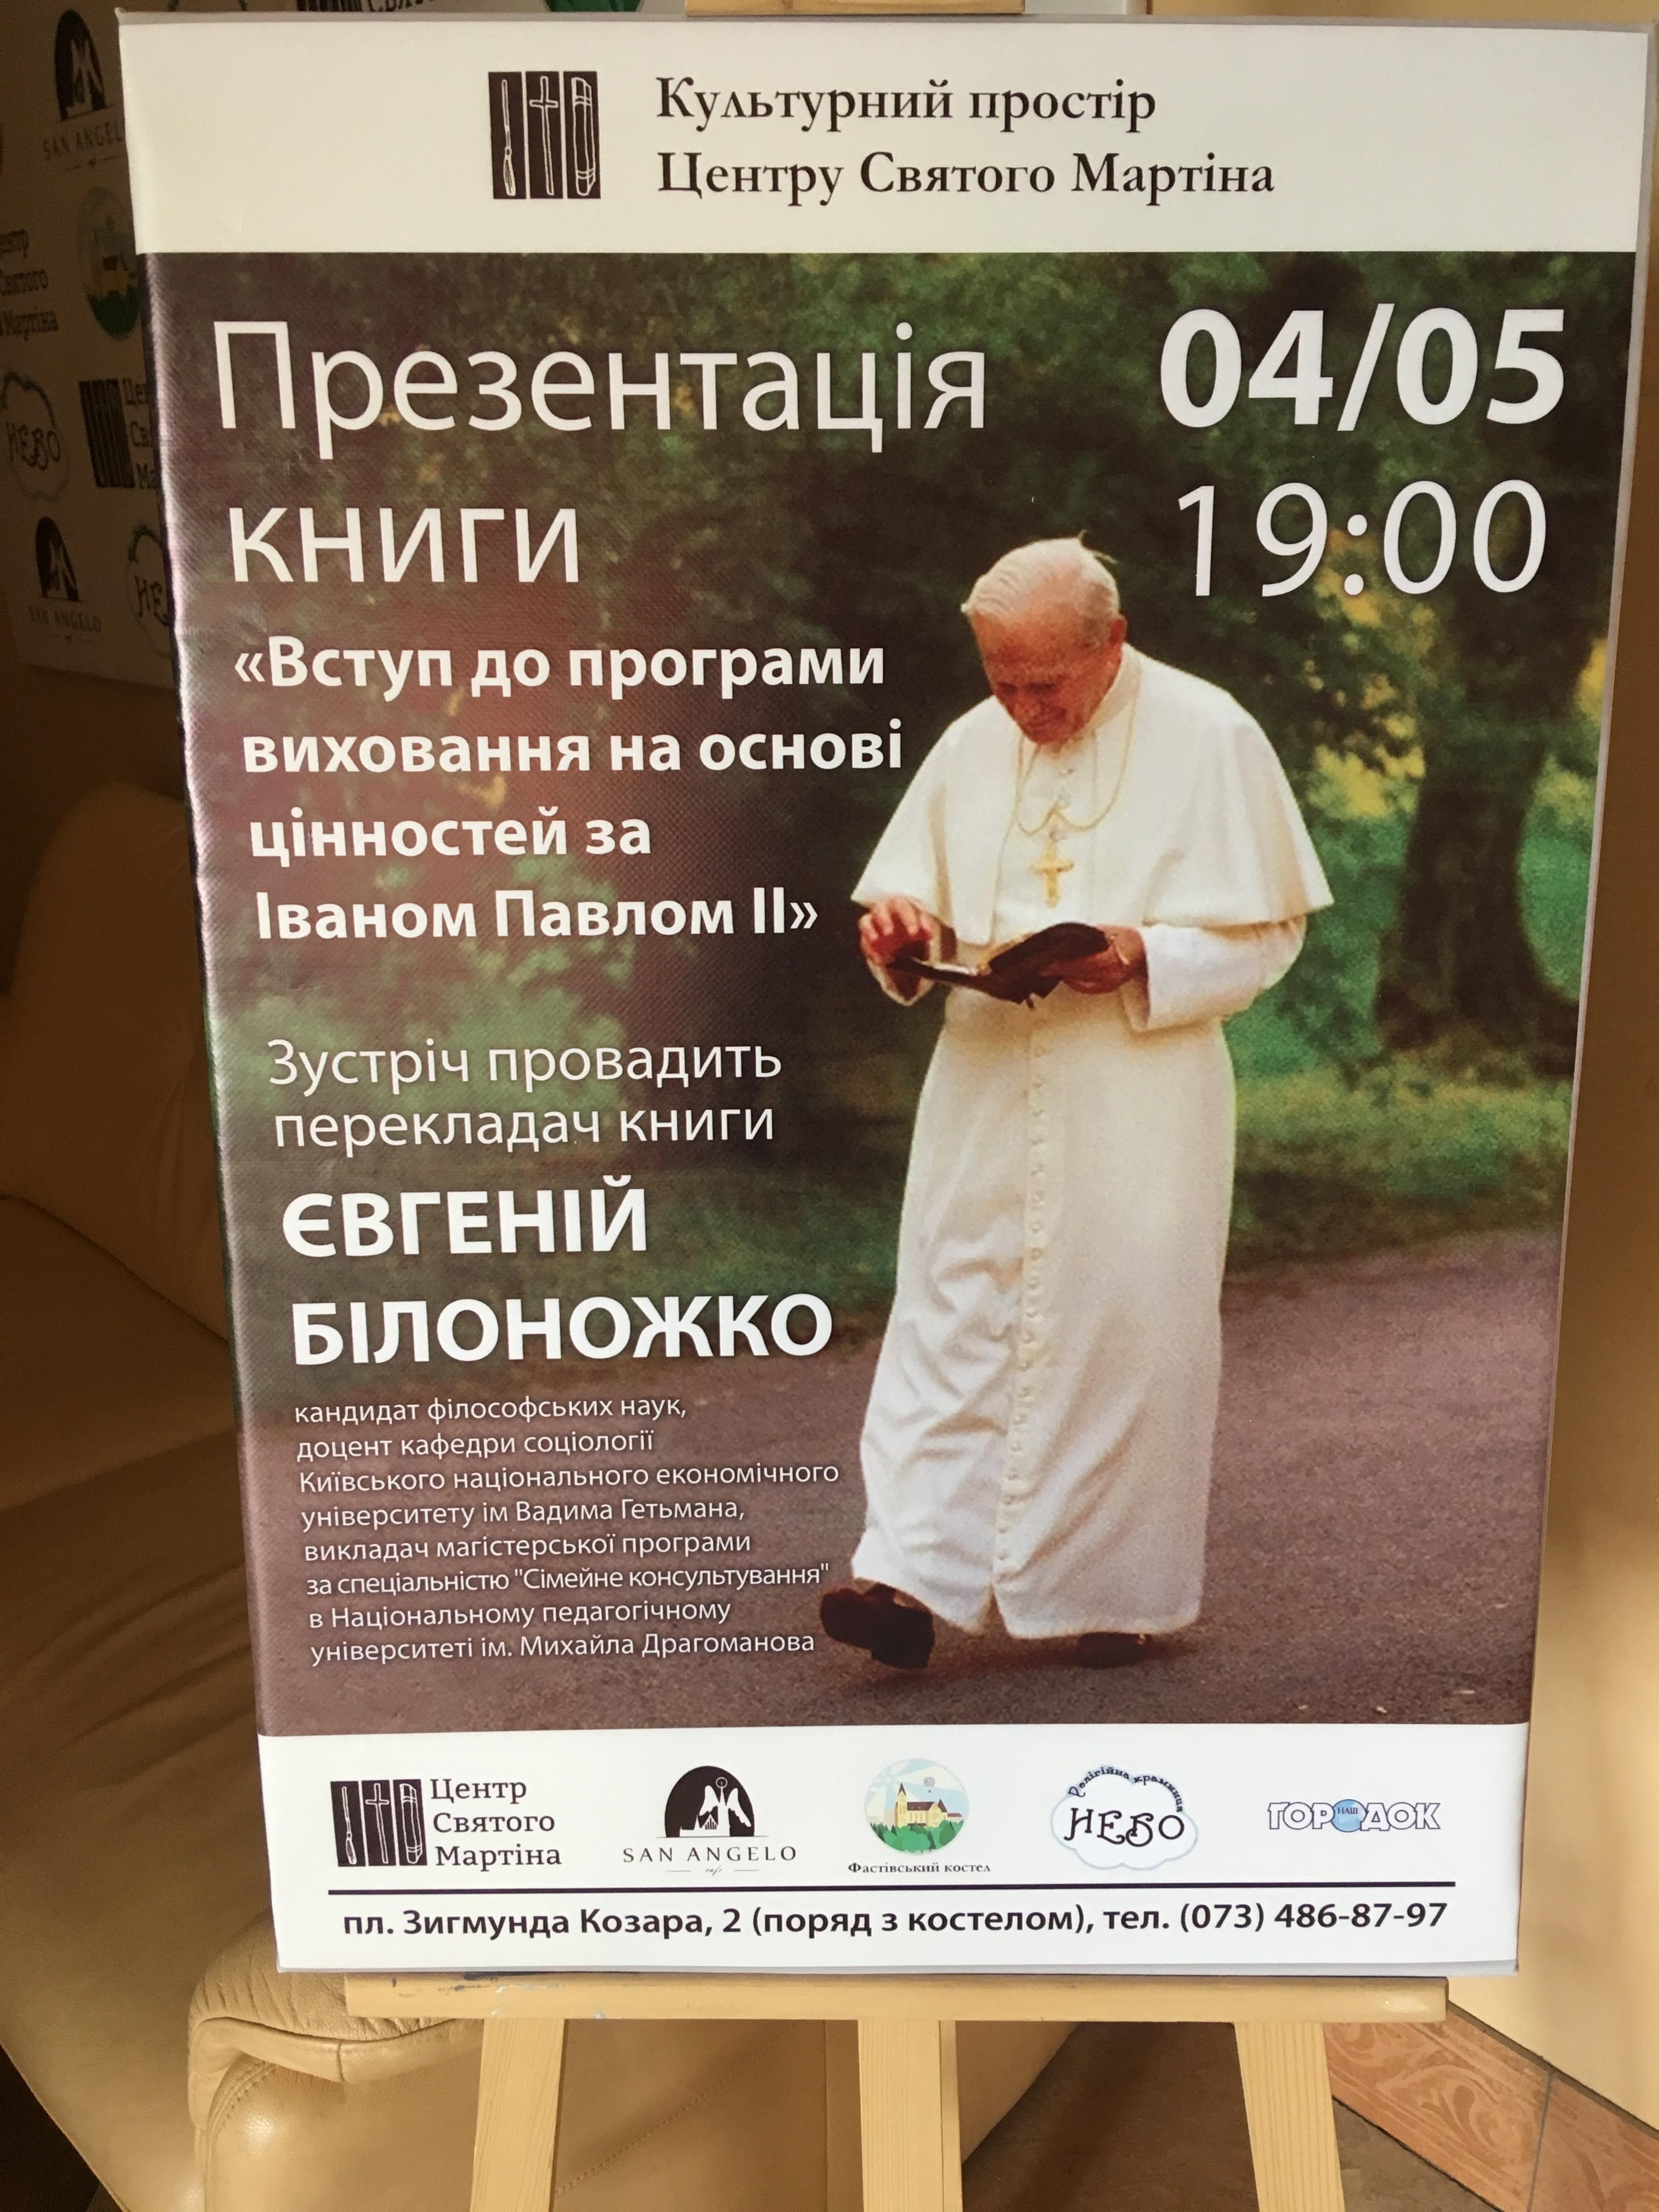 """Prezentacja publikacji """"Program wychowawczy oparty nawartościach według nauczania Jana Pawła II"""" wFastowie naUkrainie"""